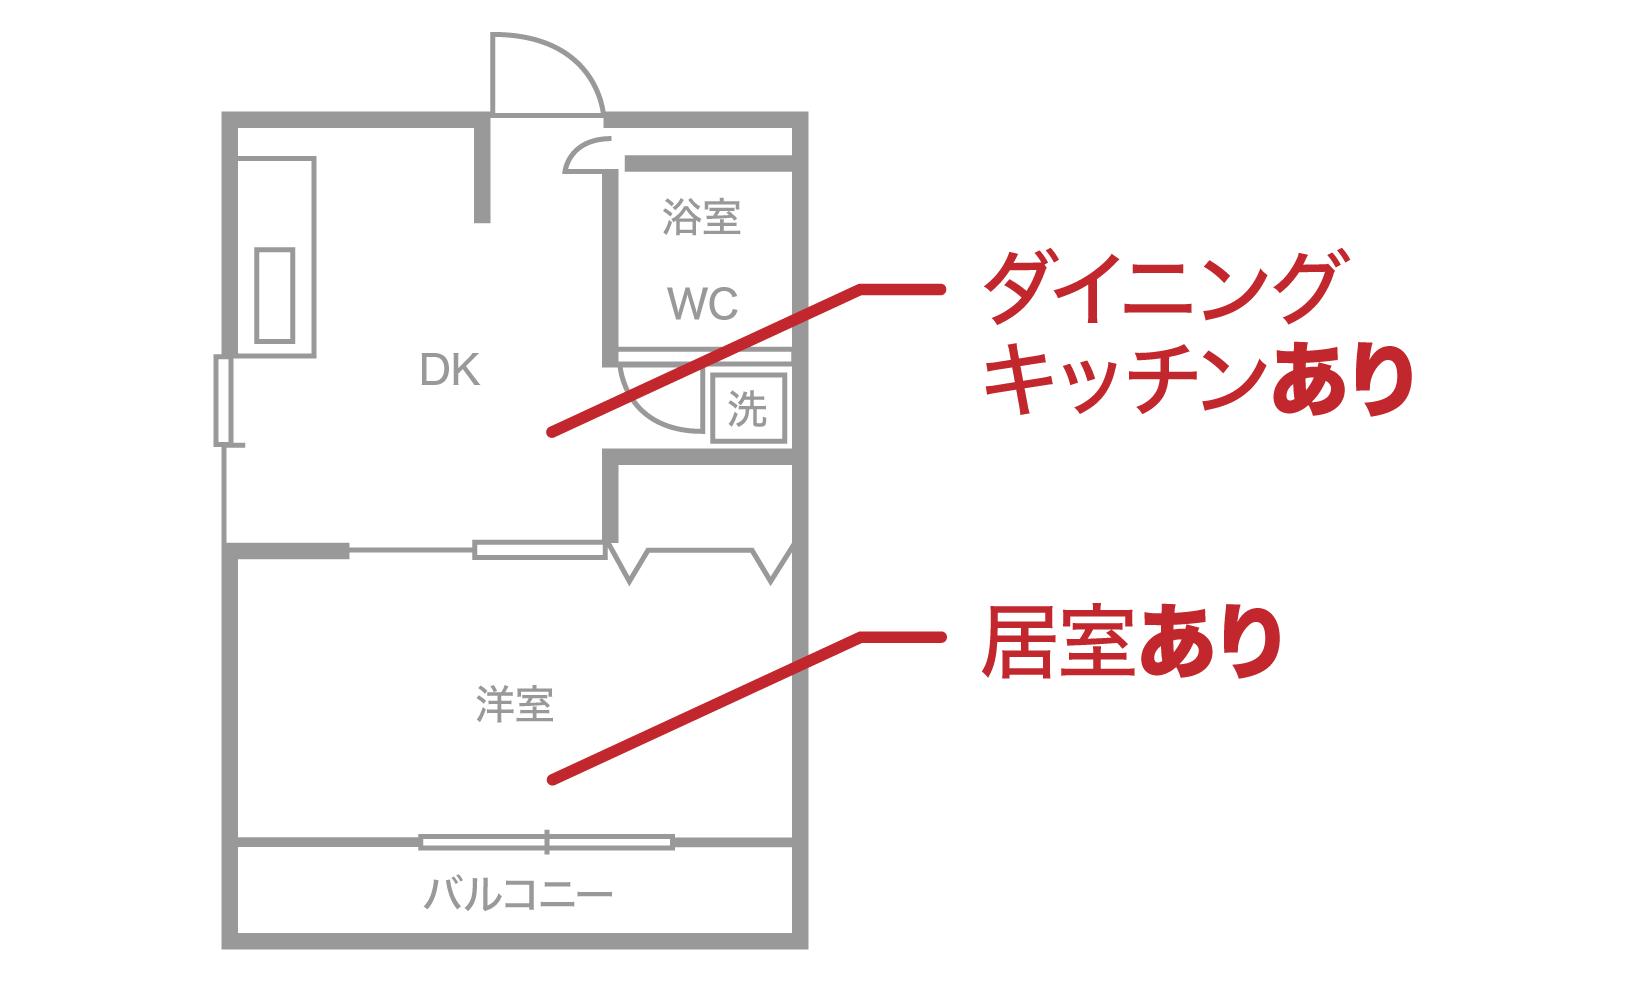 >1DKとは、部屋にダイニングキッチンが付いている間取りのこと